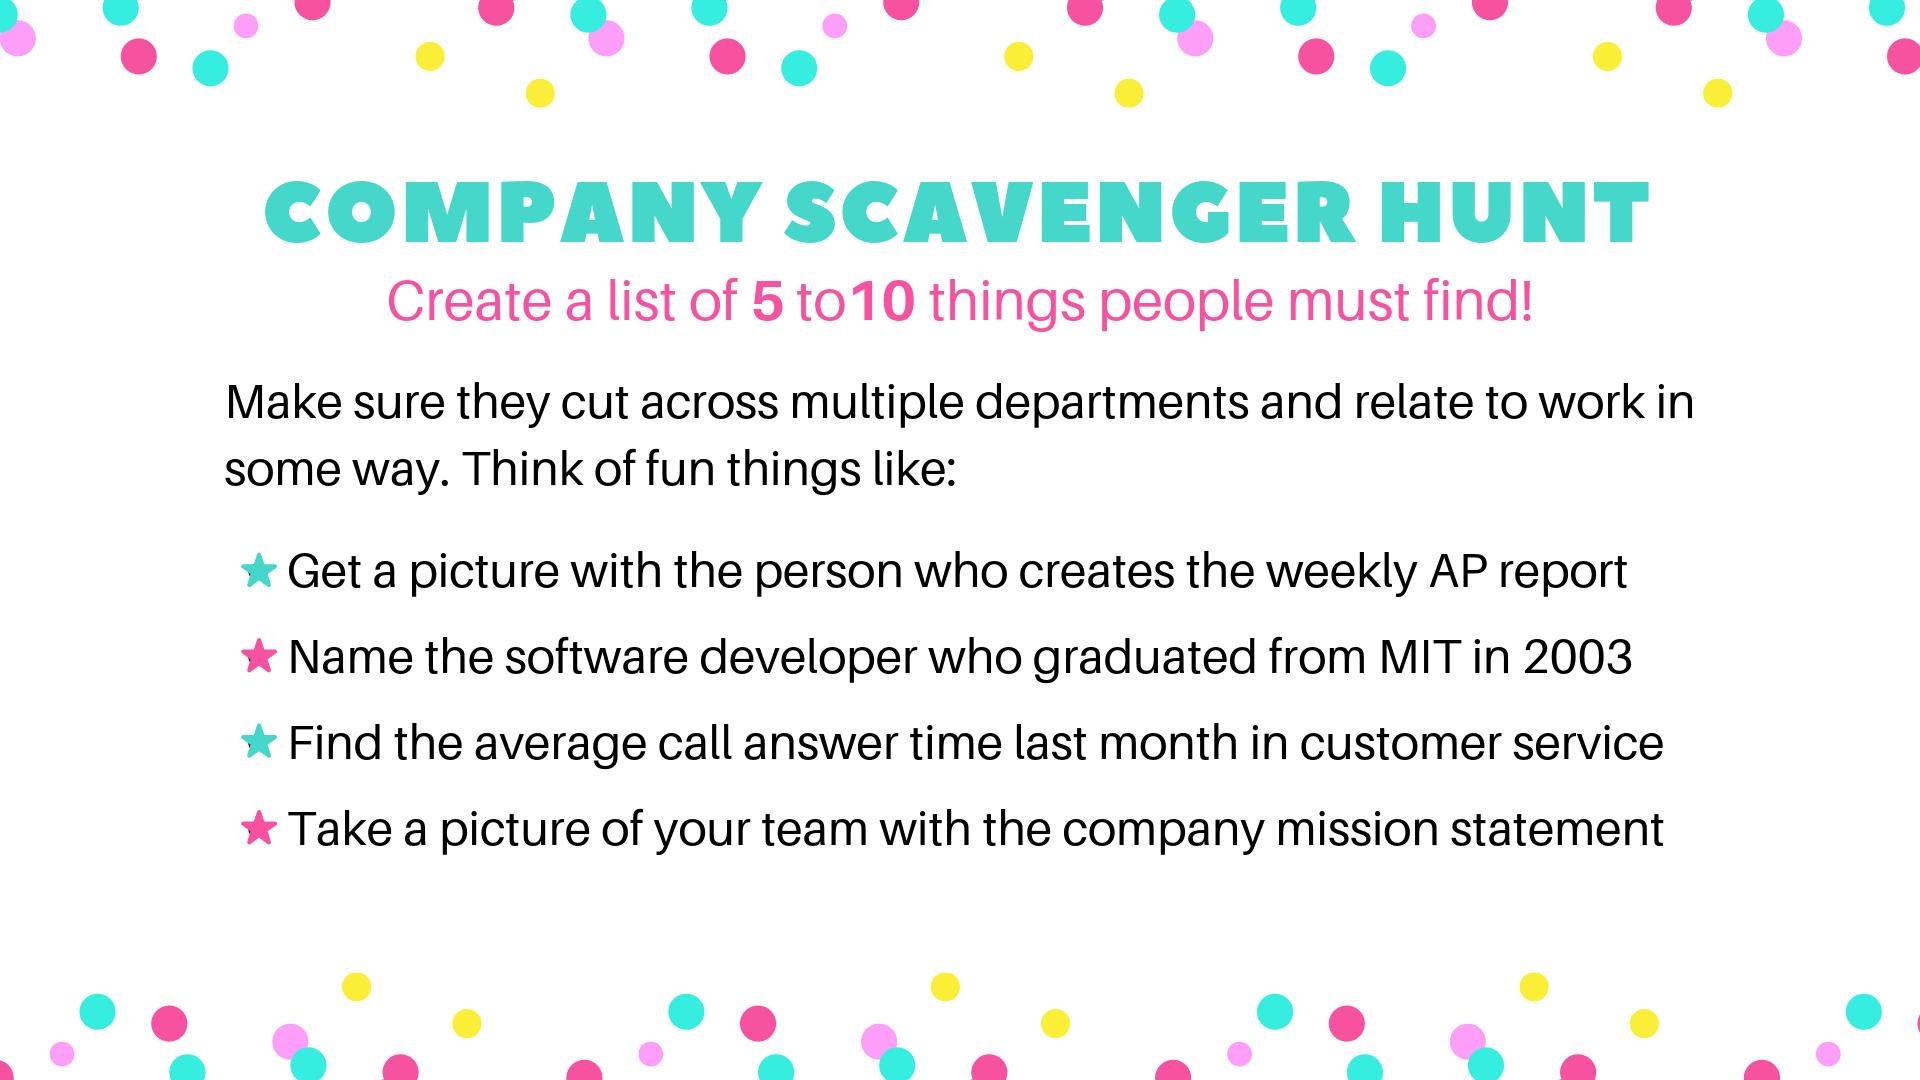 Company Scavenger Hunt